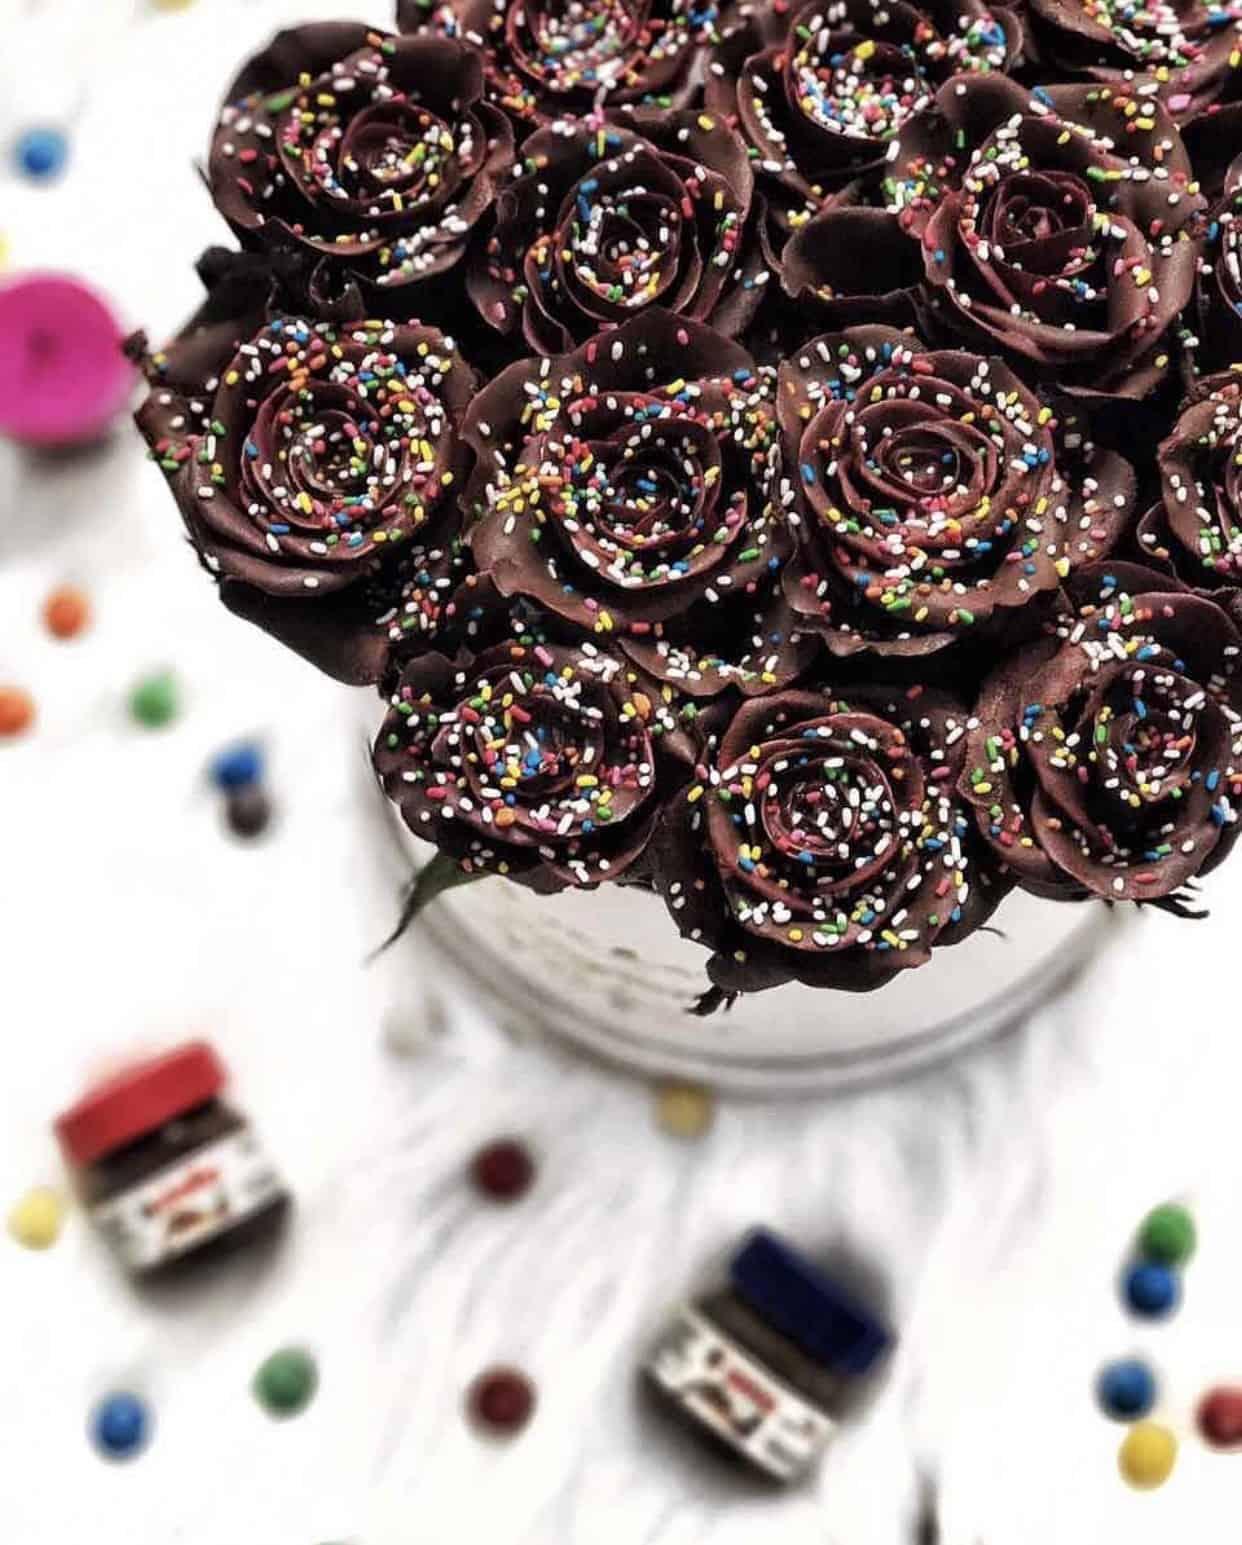 Cokoladne ruze sa sarenim mrvicama u kutiji